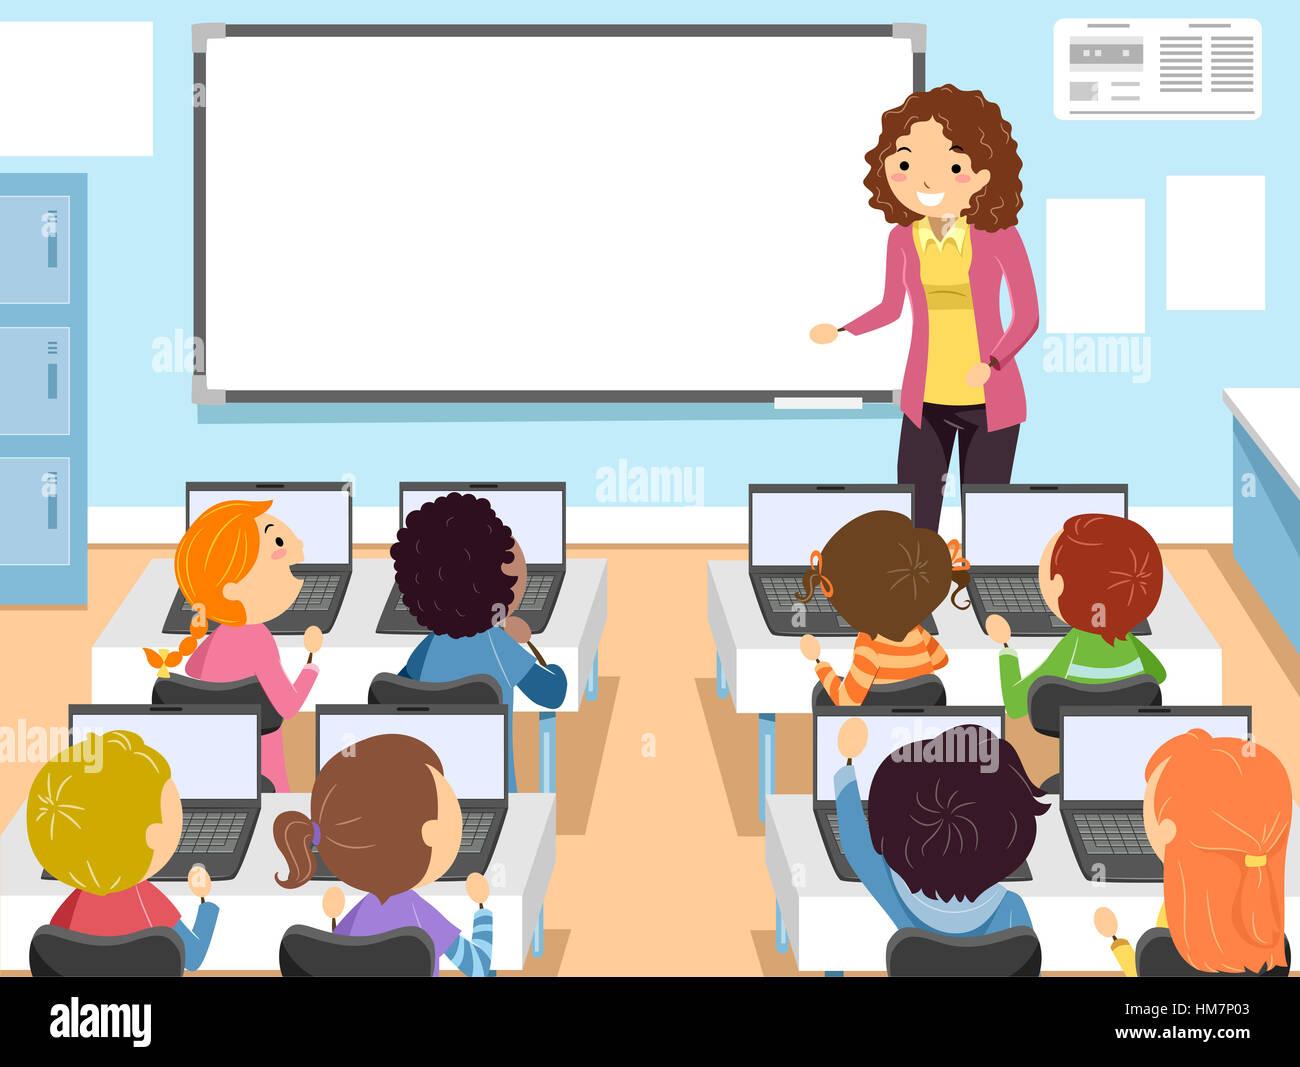 Stickman Illustration Of Preschool Children In A Computer